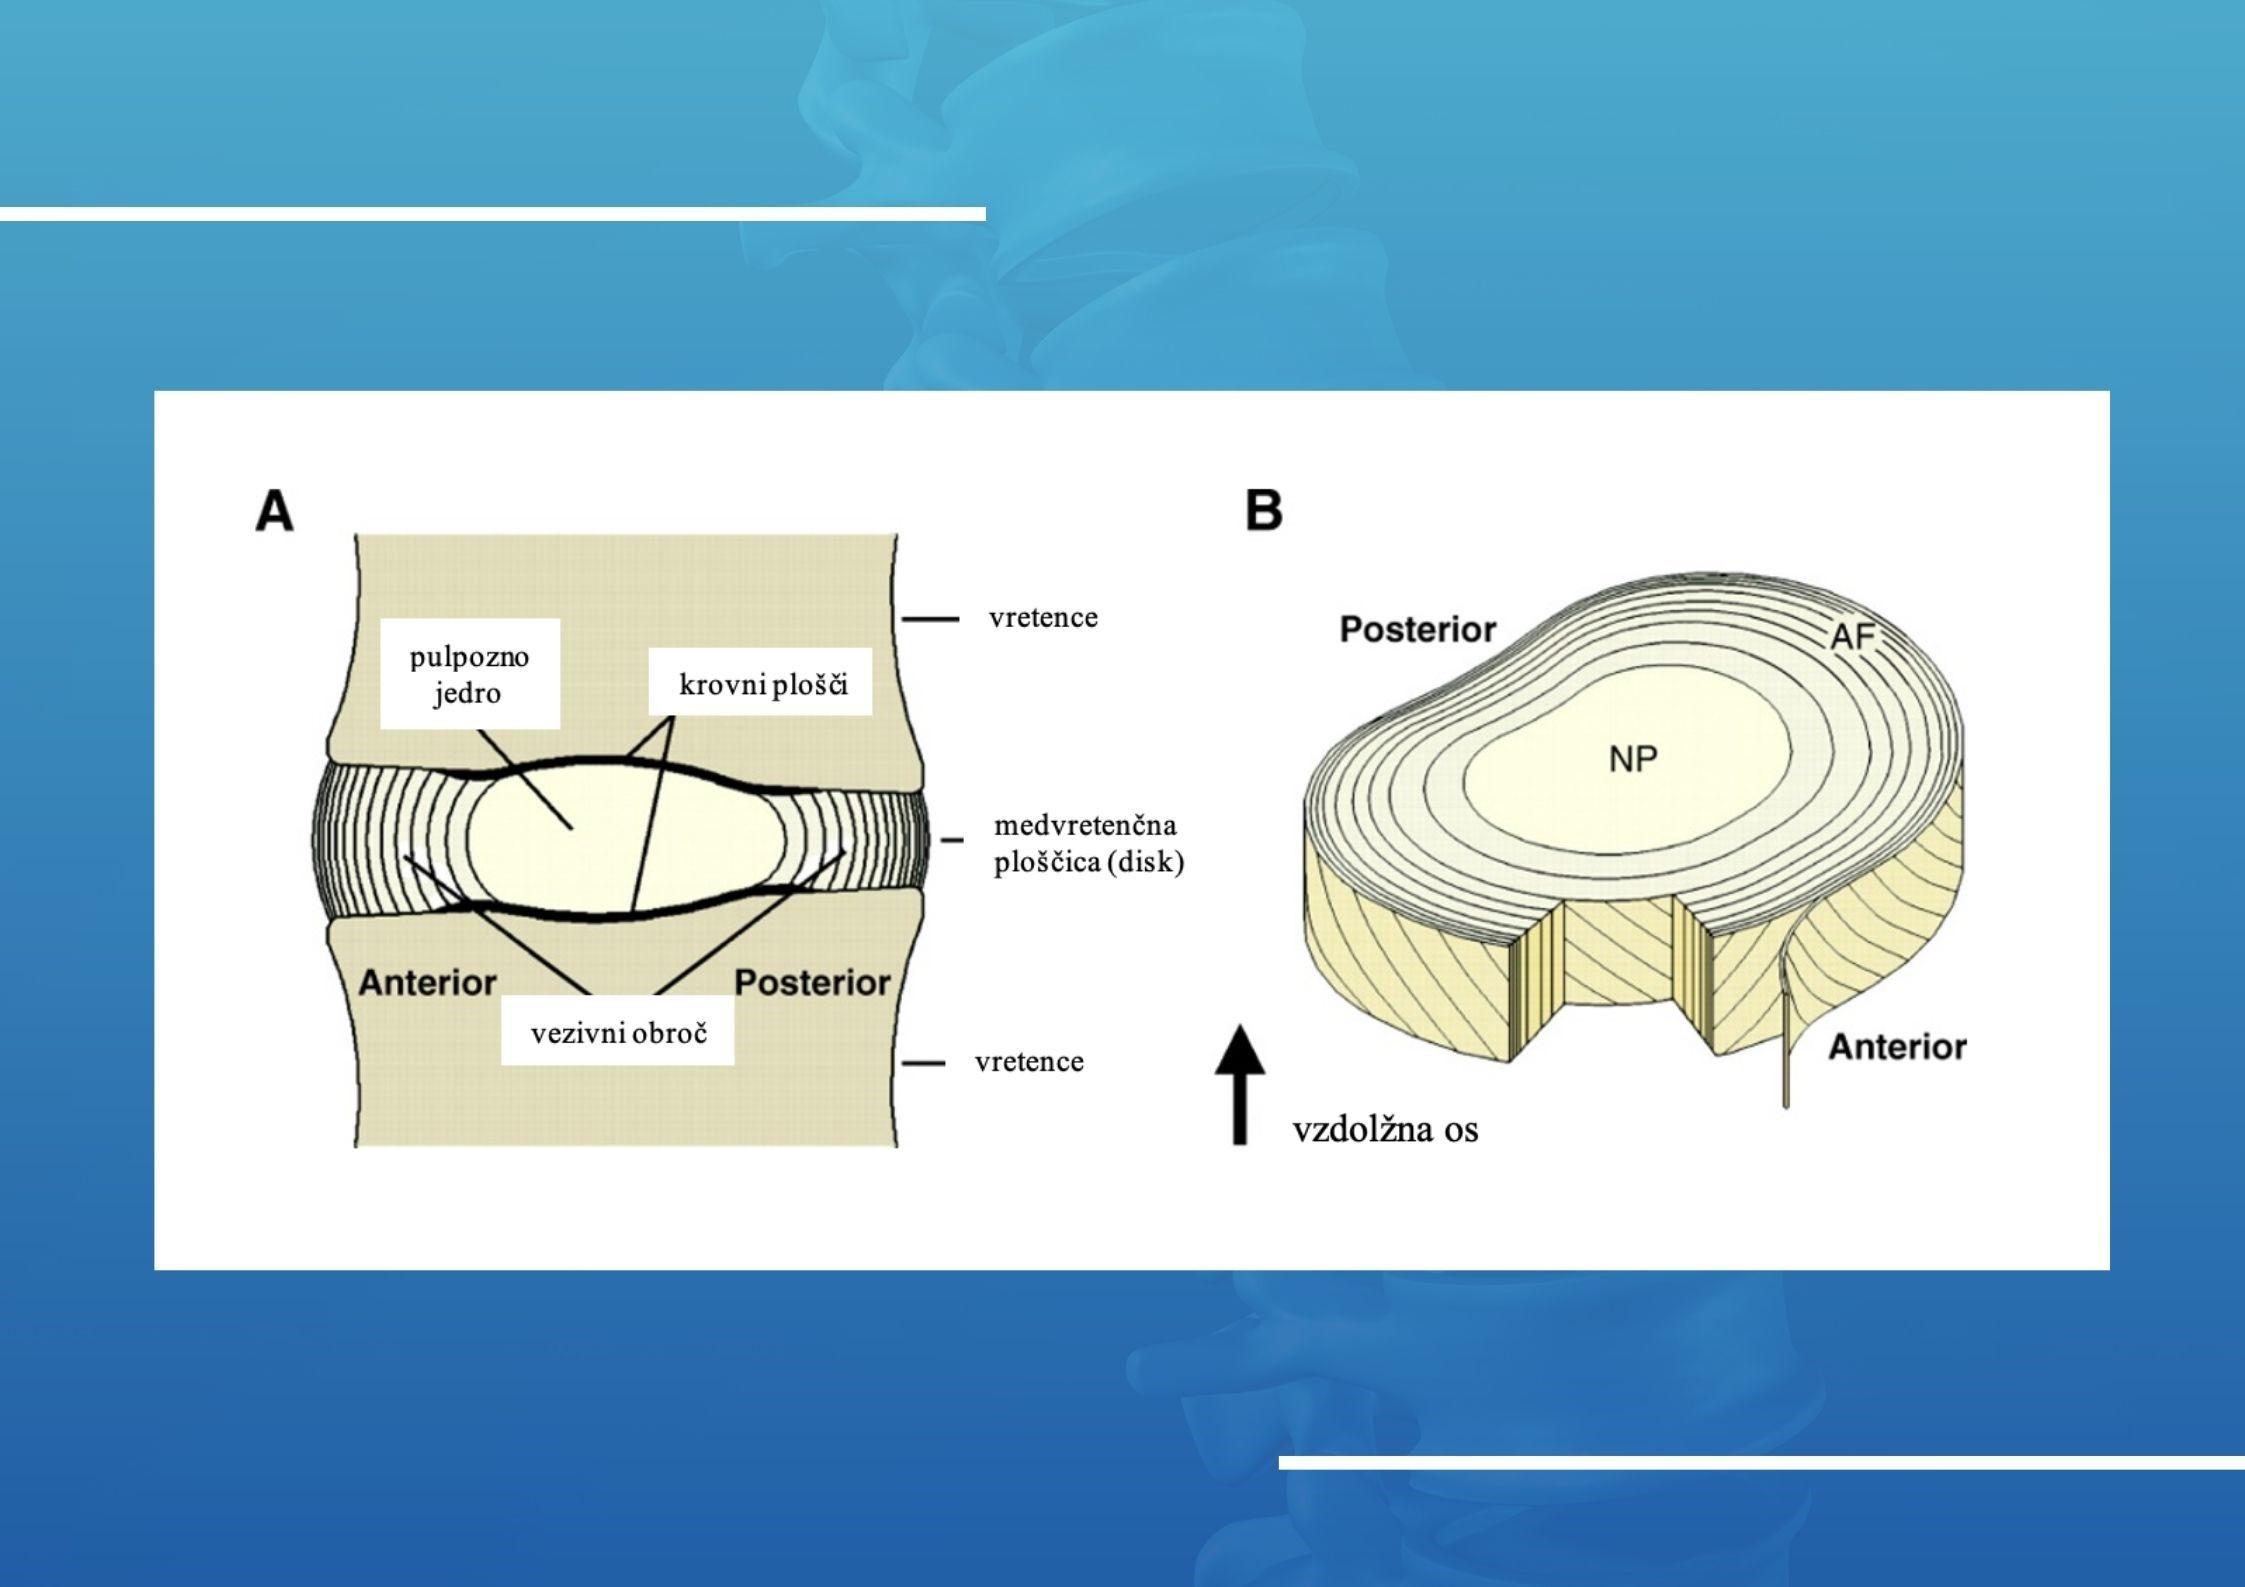 Medvretenčna ploščica ali disk, hernija vzrok